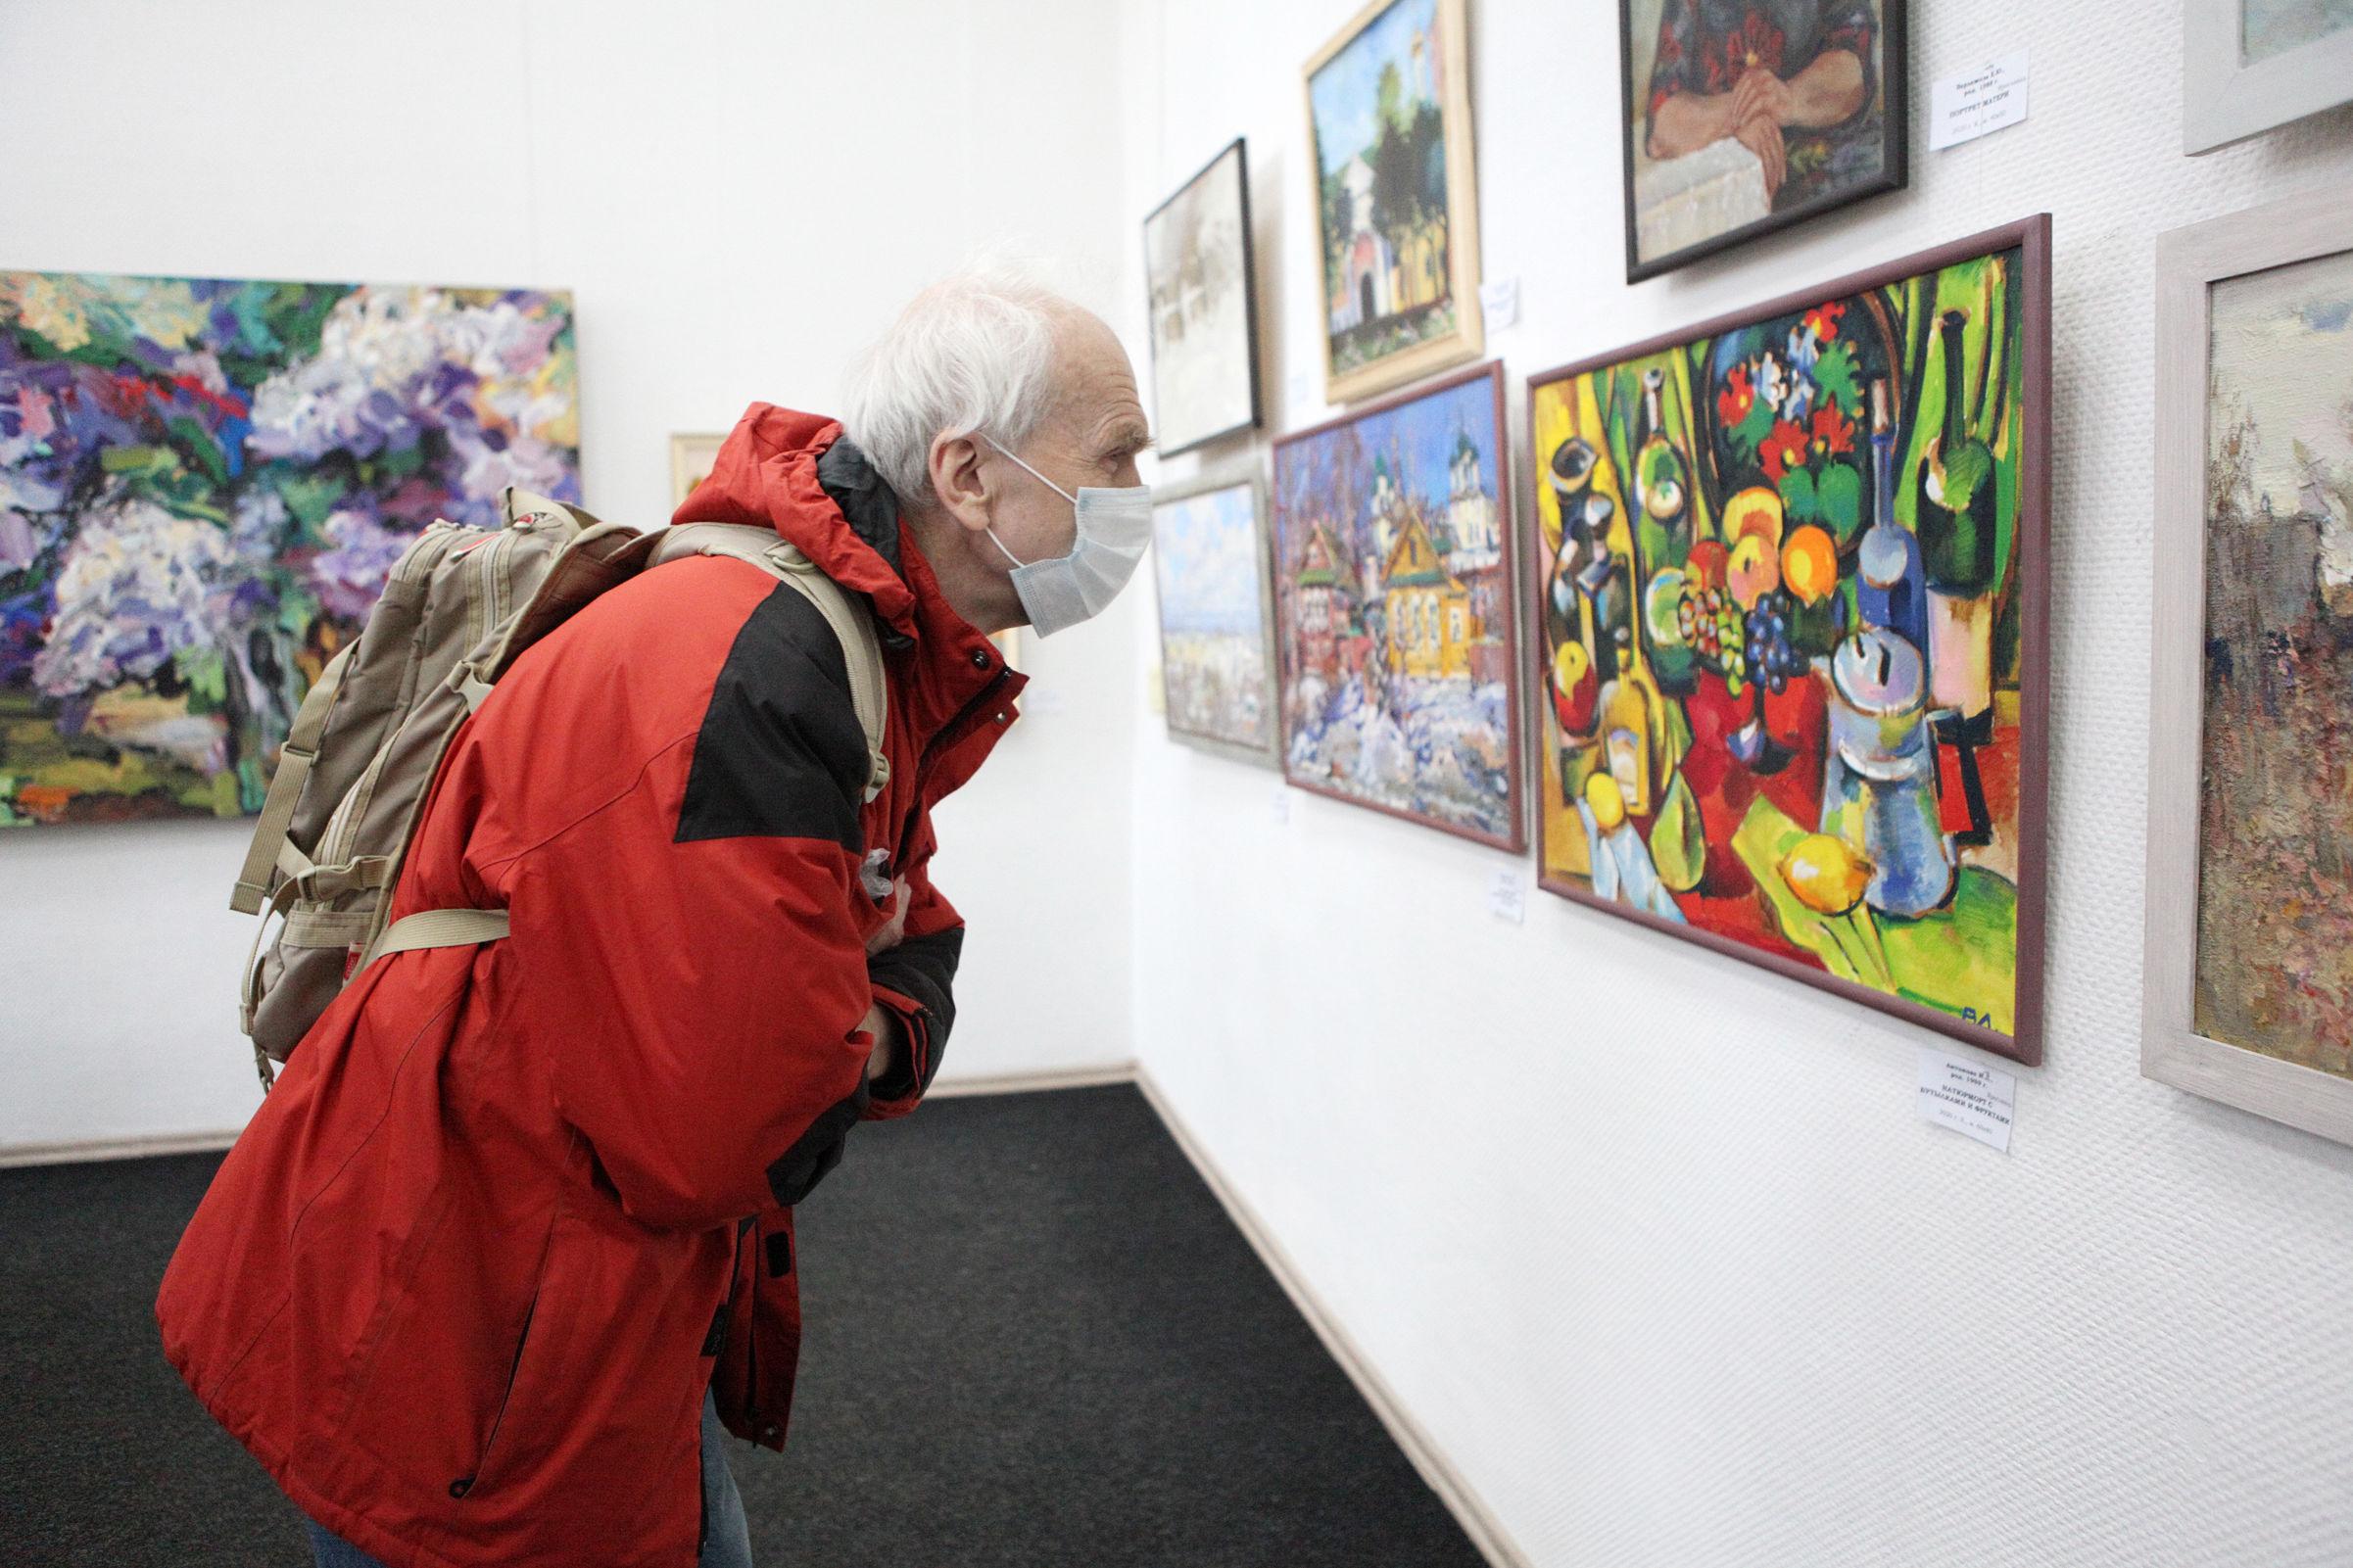 Воспоминания о будущем: областная выставка в Союзе художников поразила богатством творческой среды